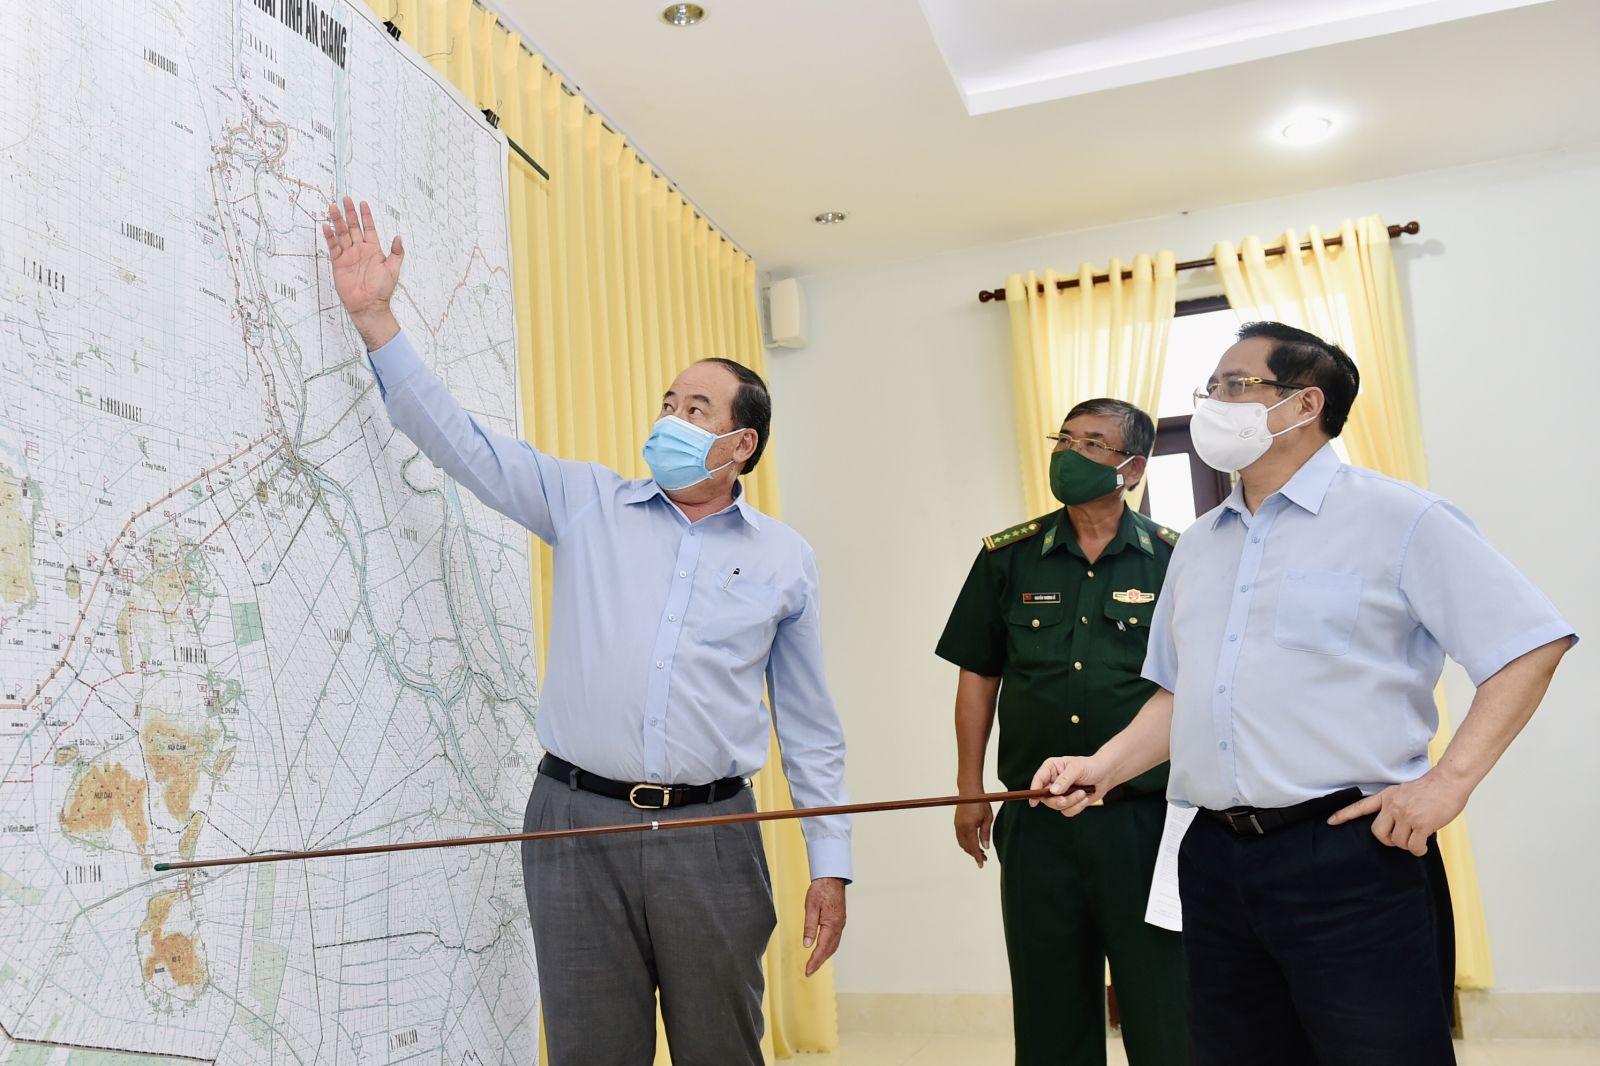 Thủ tướng Phạm Minh Chính nghe báo cáo về tình hình phân bổ các chốt kiểm soát của Bộ đội Biên phòng tỉnh An Giang. Ảnh: VGP/Nhật Bắc